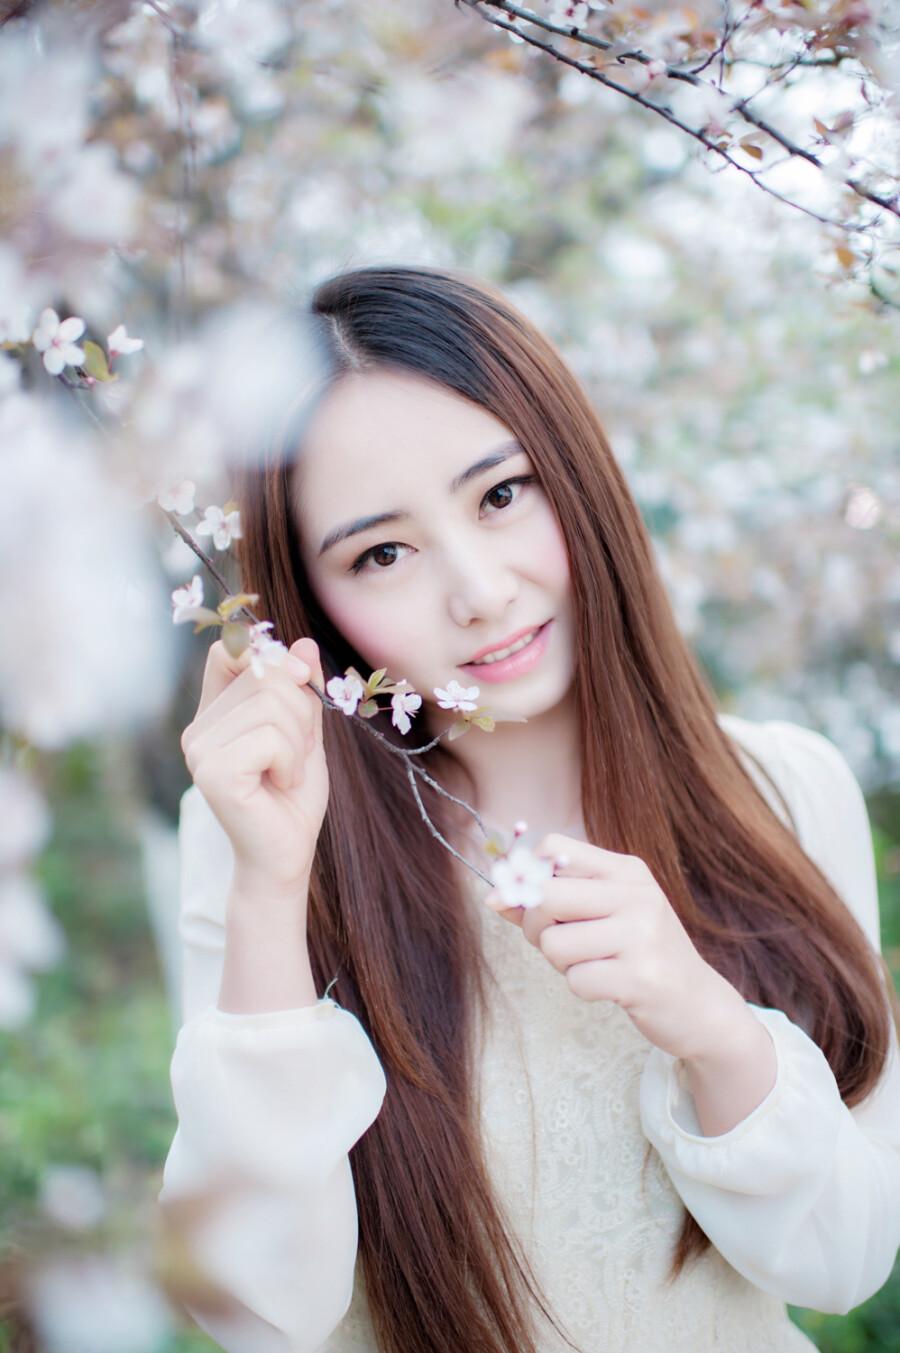 【现代时尚素材篇】【春天】 - 浪漫人生 - .